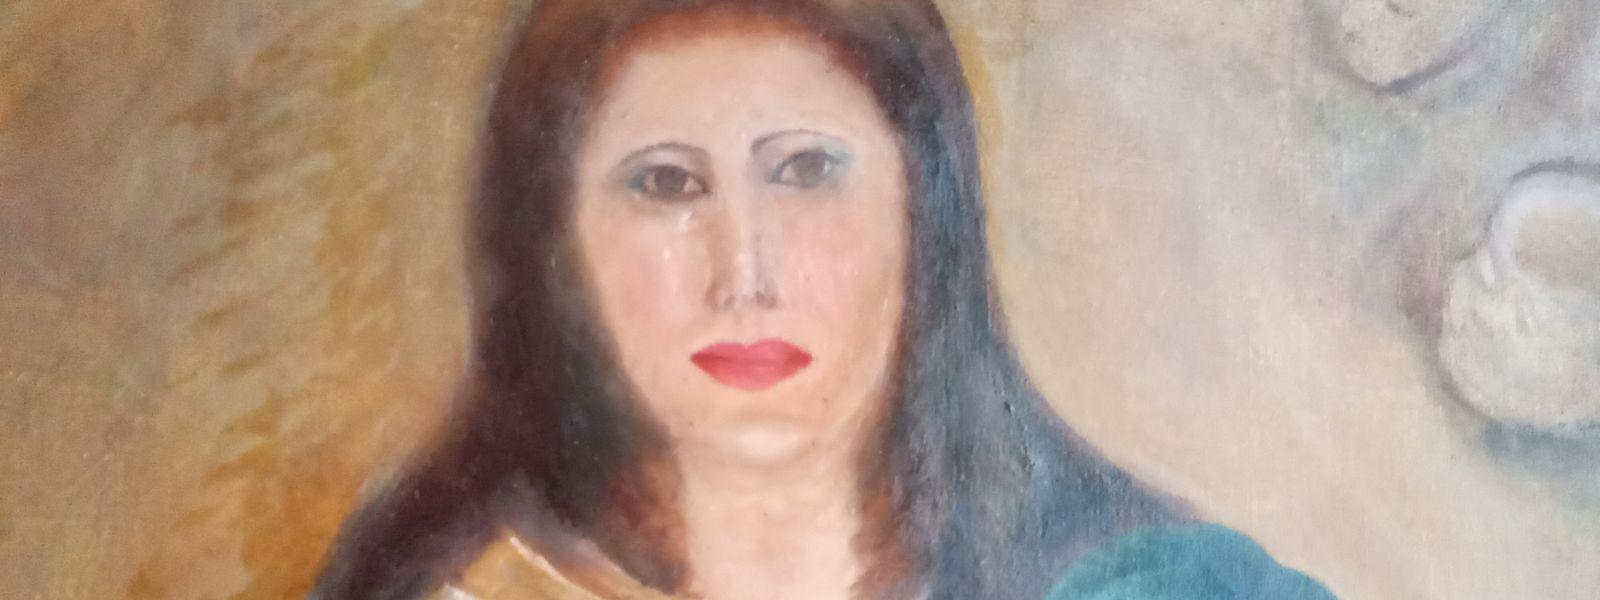 Das Bildnis wurde von einem Restaurator bis zur Unkenntlichkeit verunstaltet.